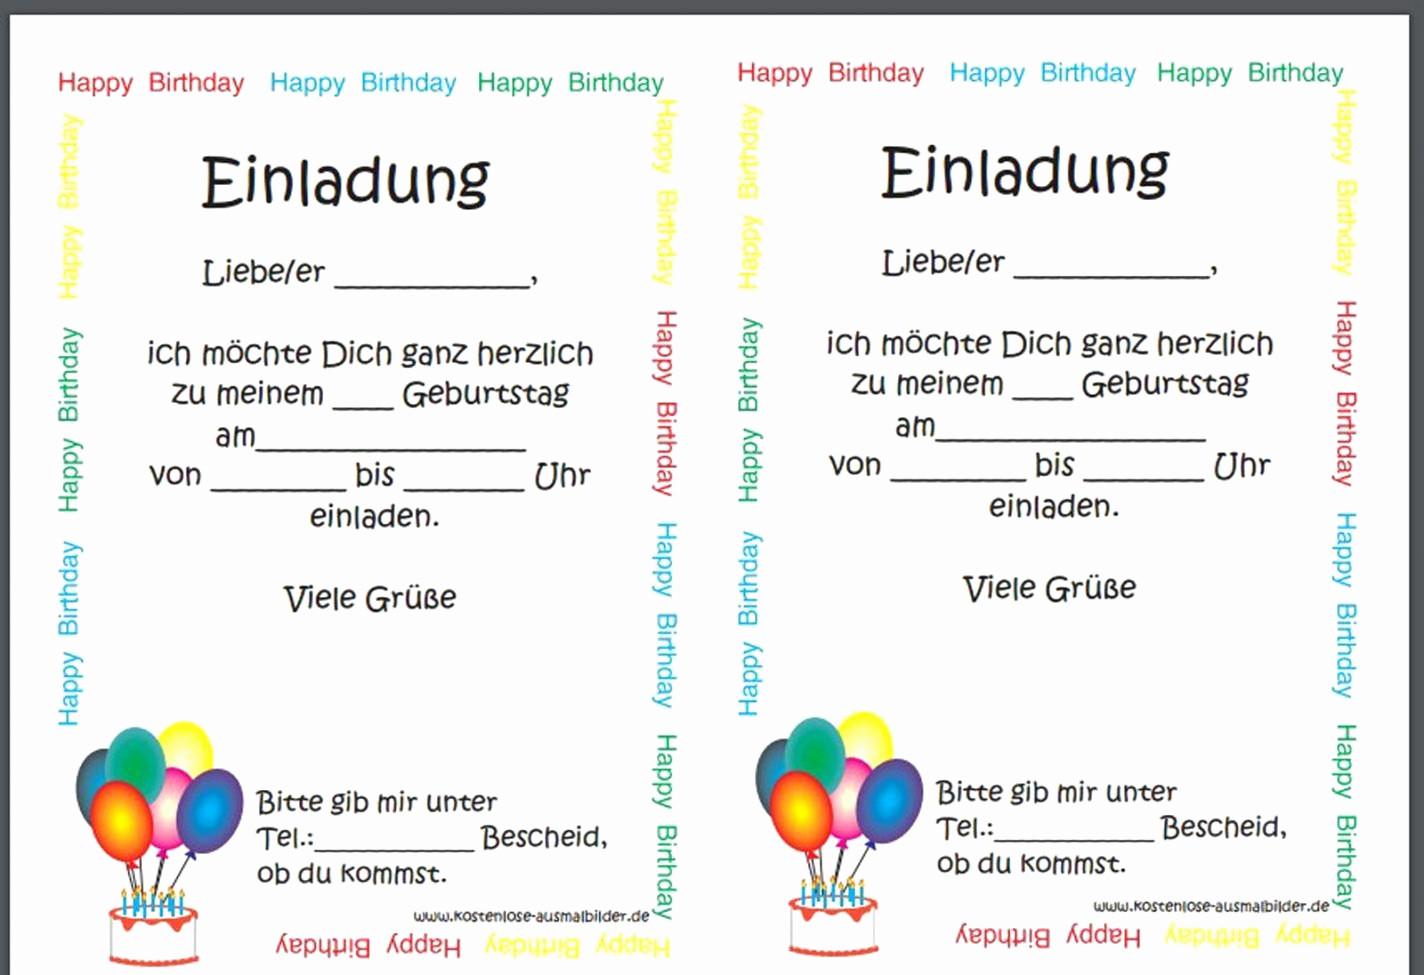 Geburtstagskarte Ausdrucken Kostenlos Inspirierend Geburtstagskarten Drucken Kostenlos Schön Grußkarten Drucken Lassen Galerie